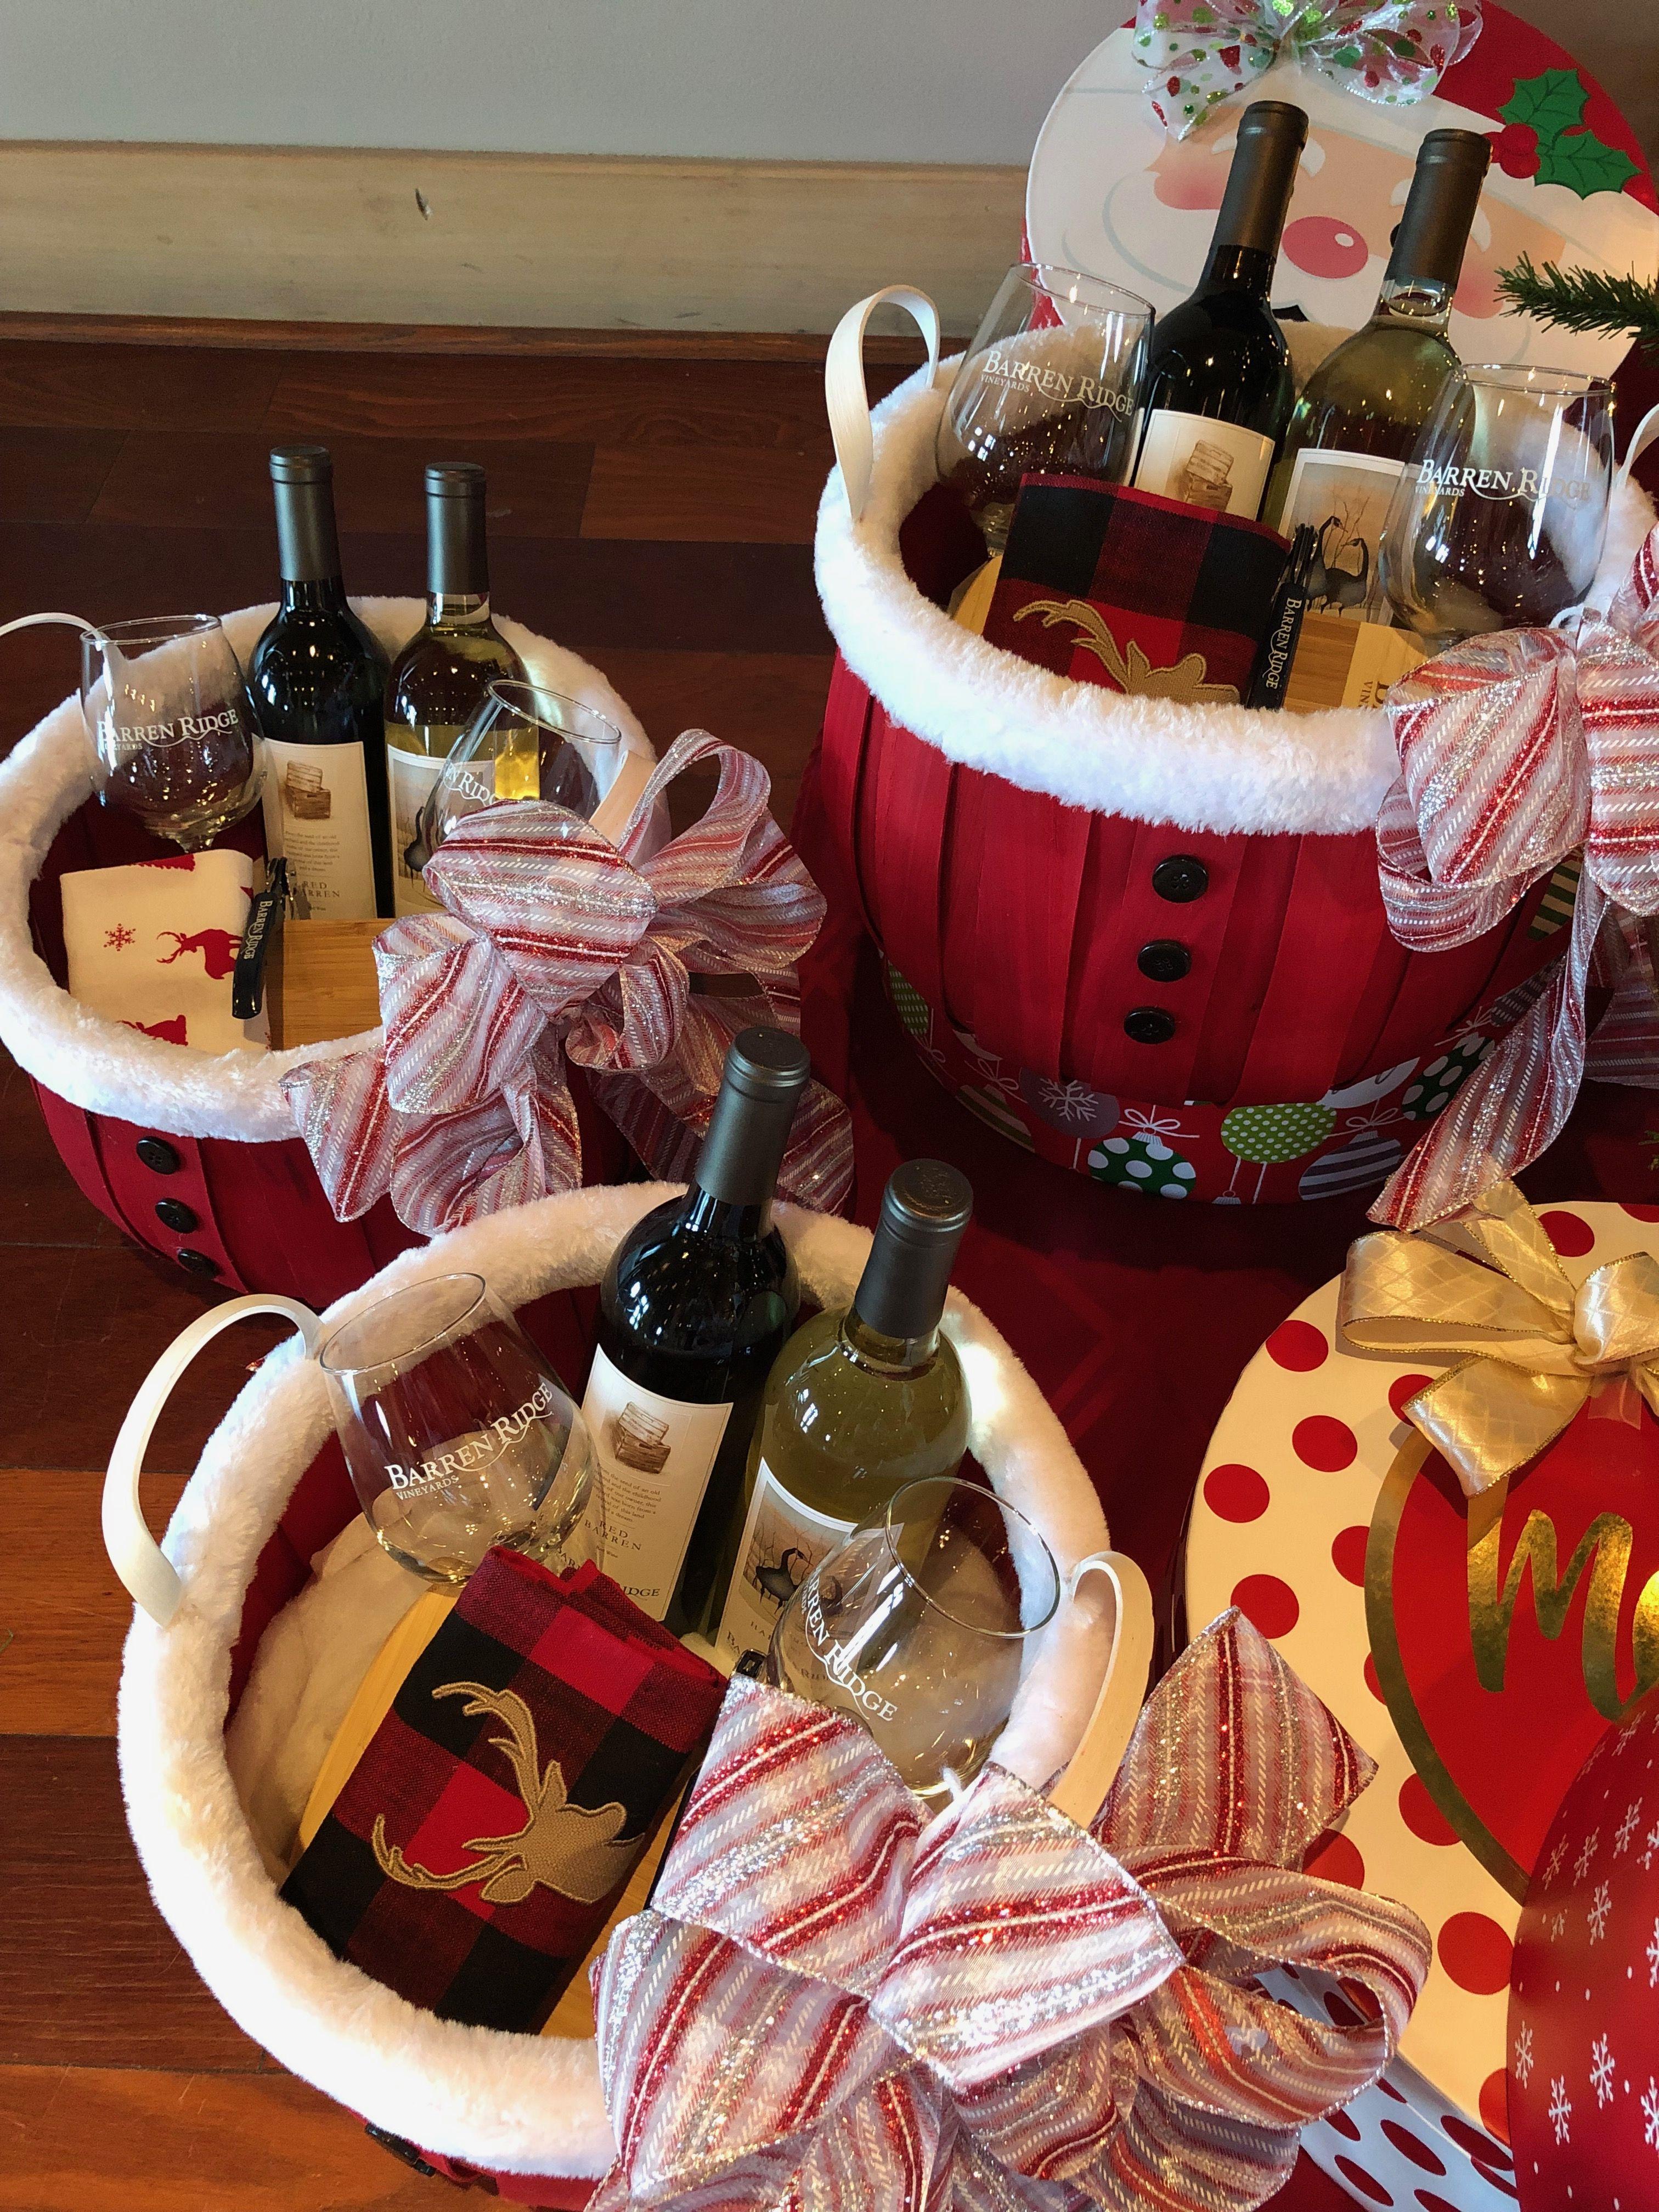 Santa Gift Baskets At Barren Ridge Vineyards Barrenridgevineyards Winery Wine Vineyard Giftbaskets Gift Baskets Wine Tasting Santa Gifts